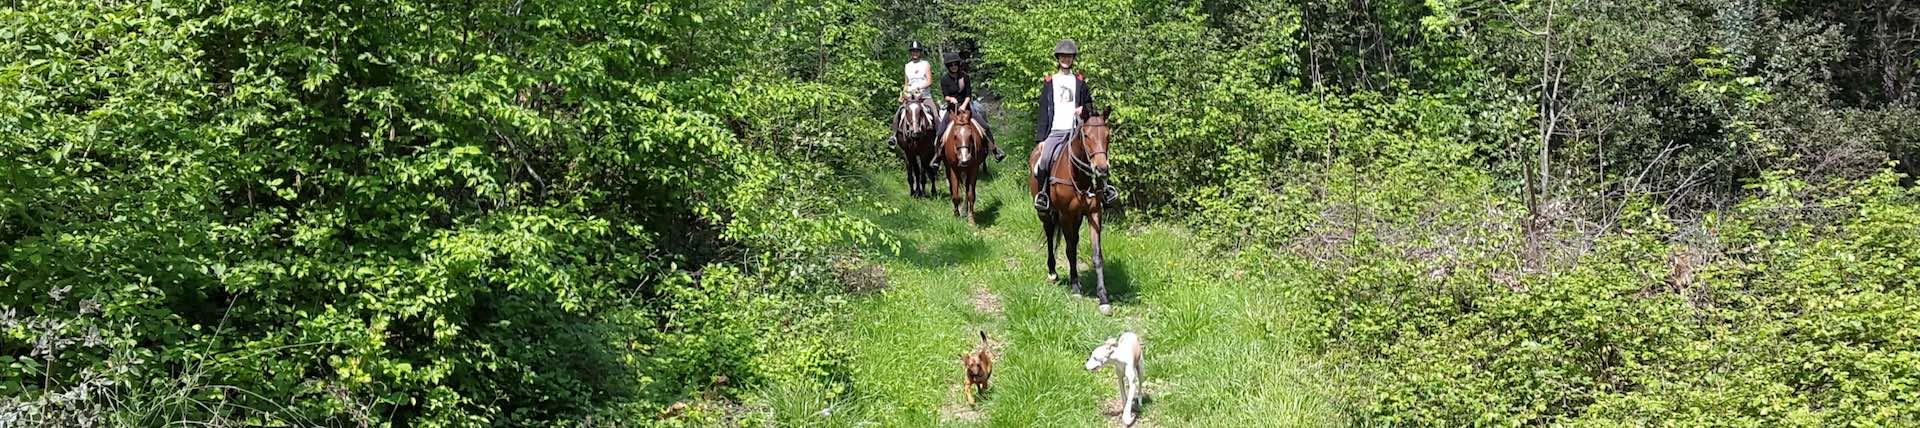 Sport-outdoor-equitazione-finale-ligure-passeggiate-cavallo-liguria-Residenza-Adelaide-002